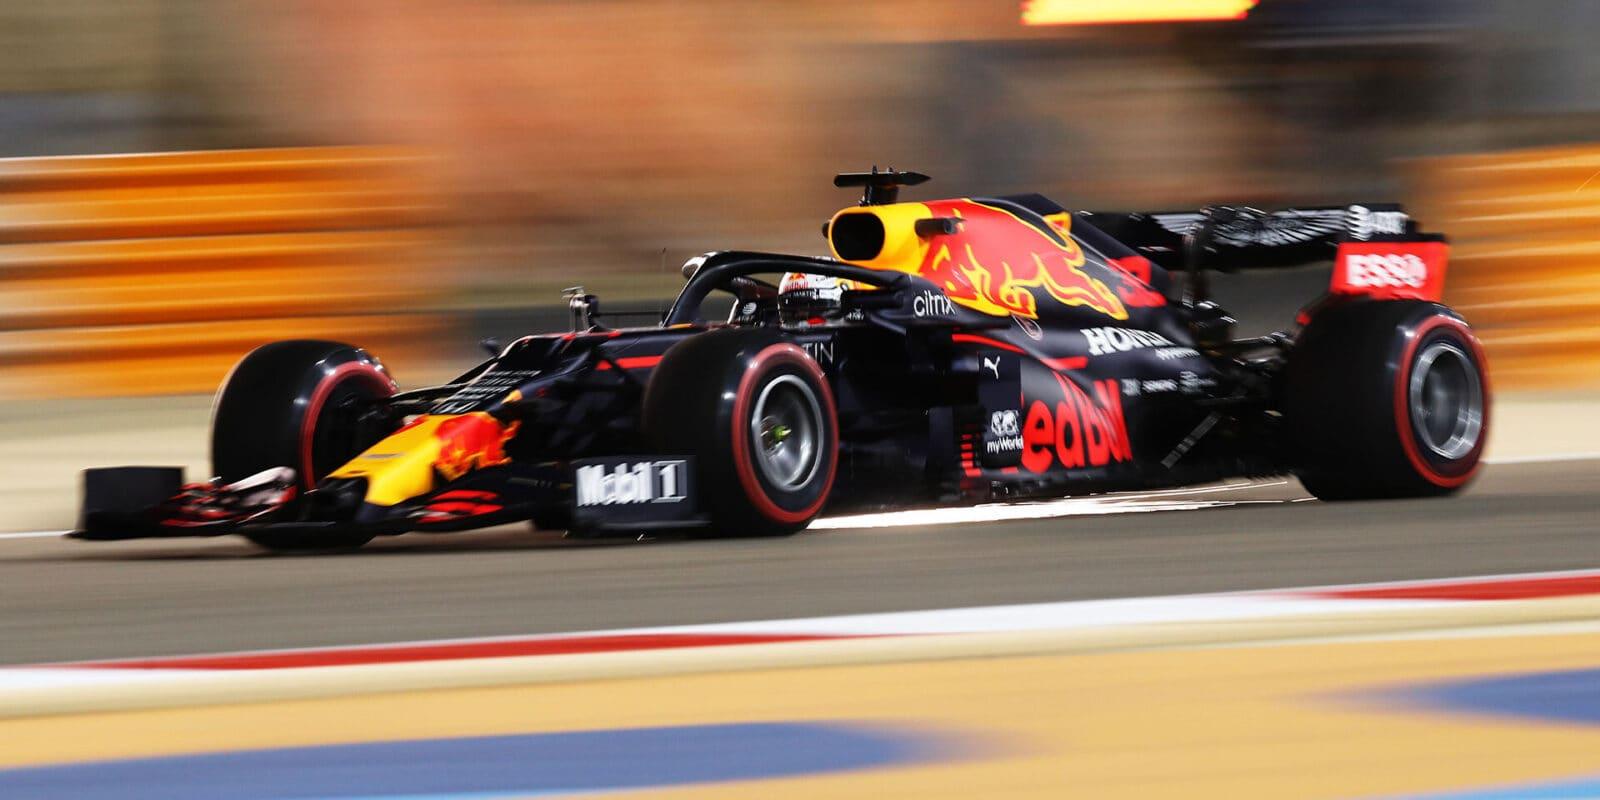 Poslední trénink na Sachíru: Nejrychlejší byl Verstappen